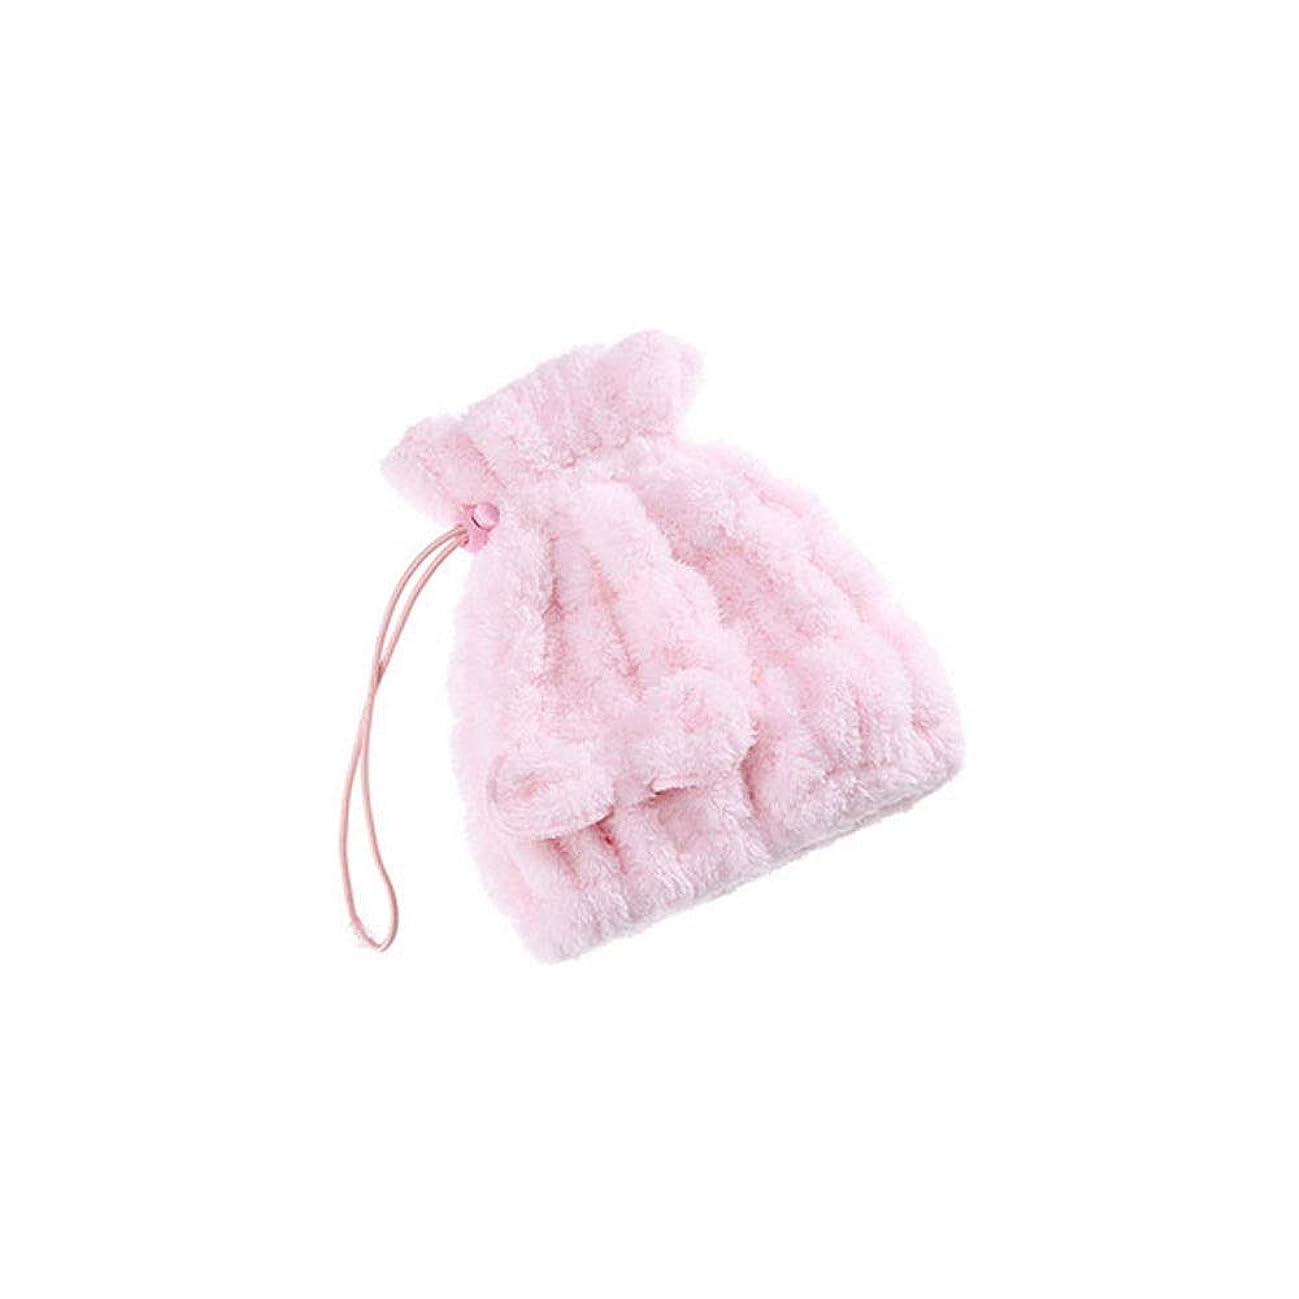 信頼性好奇心盛民族主義シャワーキャップ、子供のためのかわいいドライシャワーキャップすべての髪の長さと豪華なシャワーキャップの厚さ、再利用可能なシャワー。 (Color : Pink)